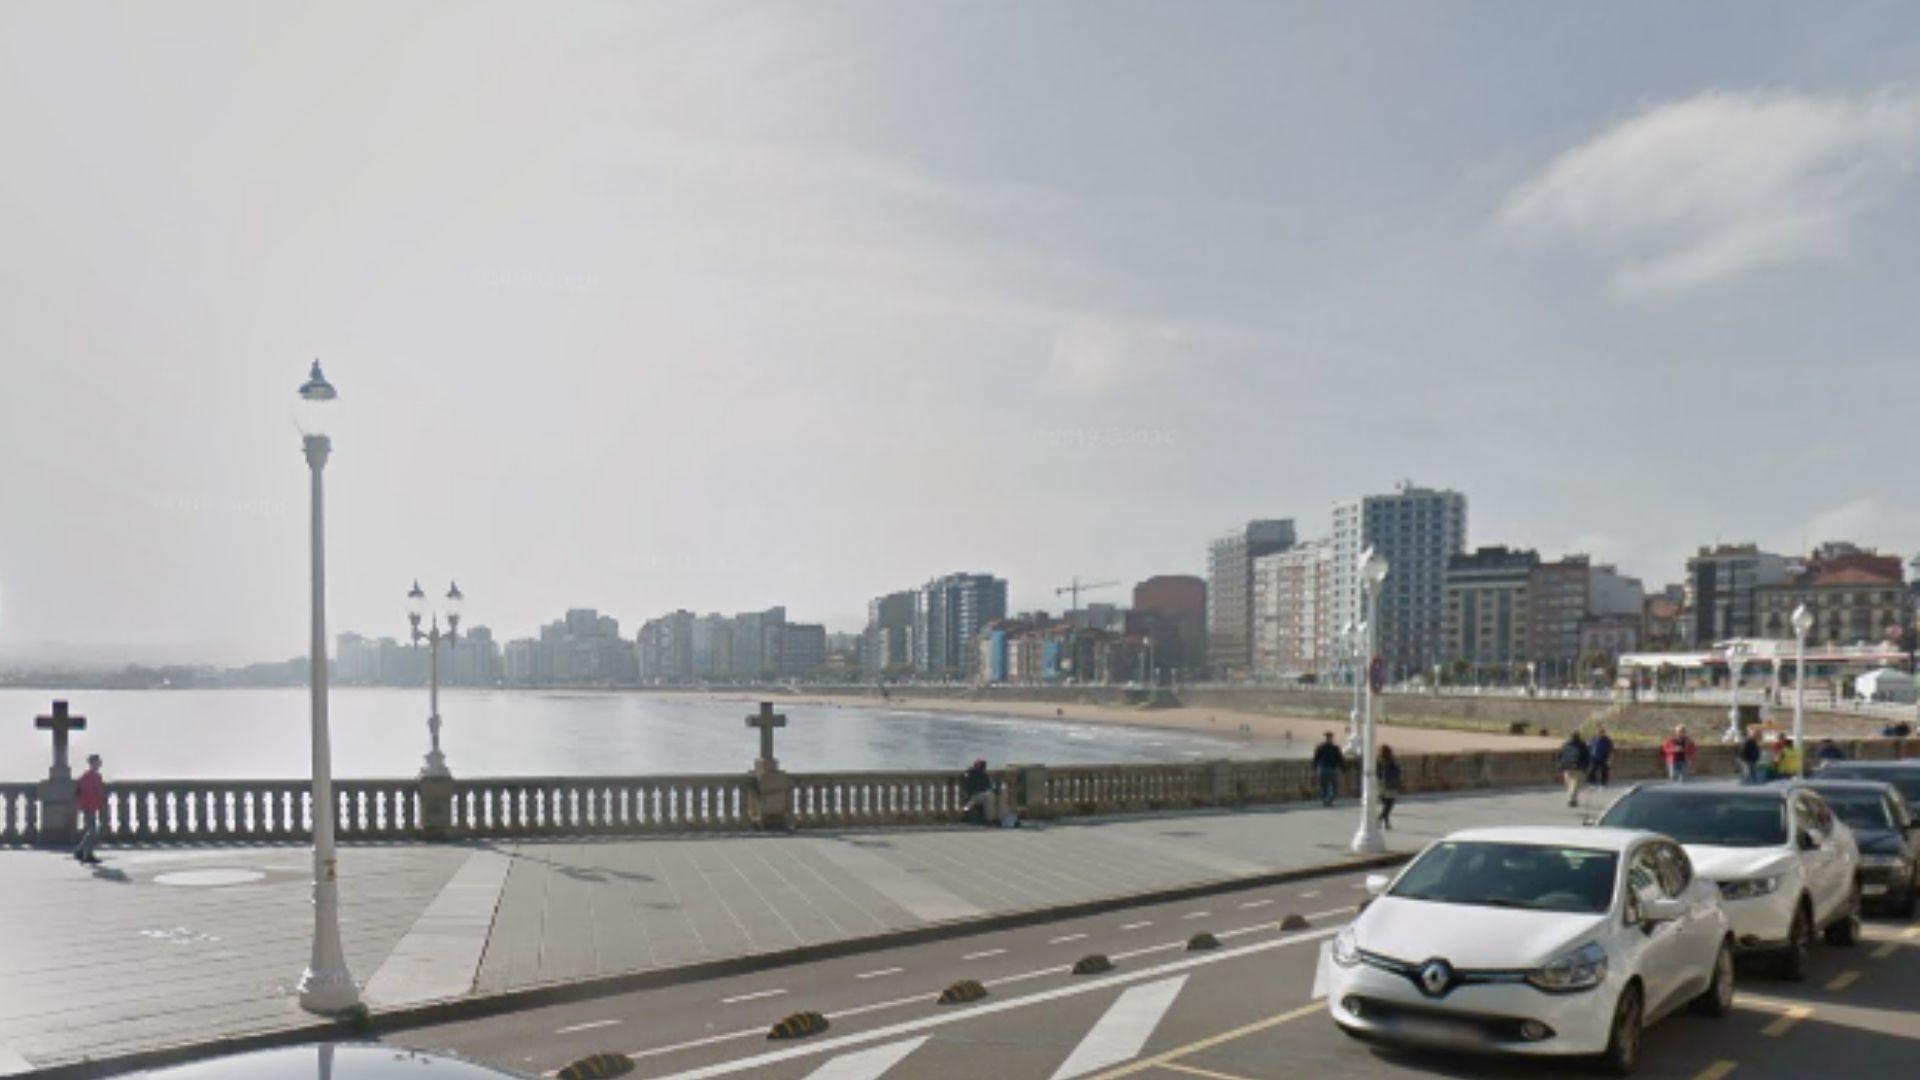 Aparcamiento reservado a vehículos y tarjetas oficiales frente al consistorio de Gijón